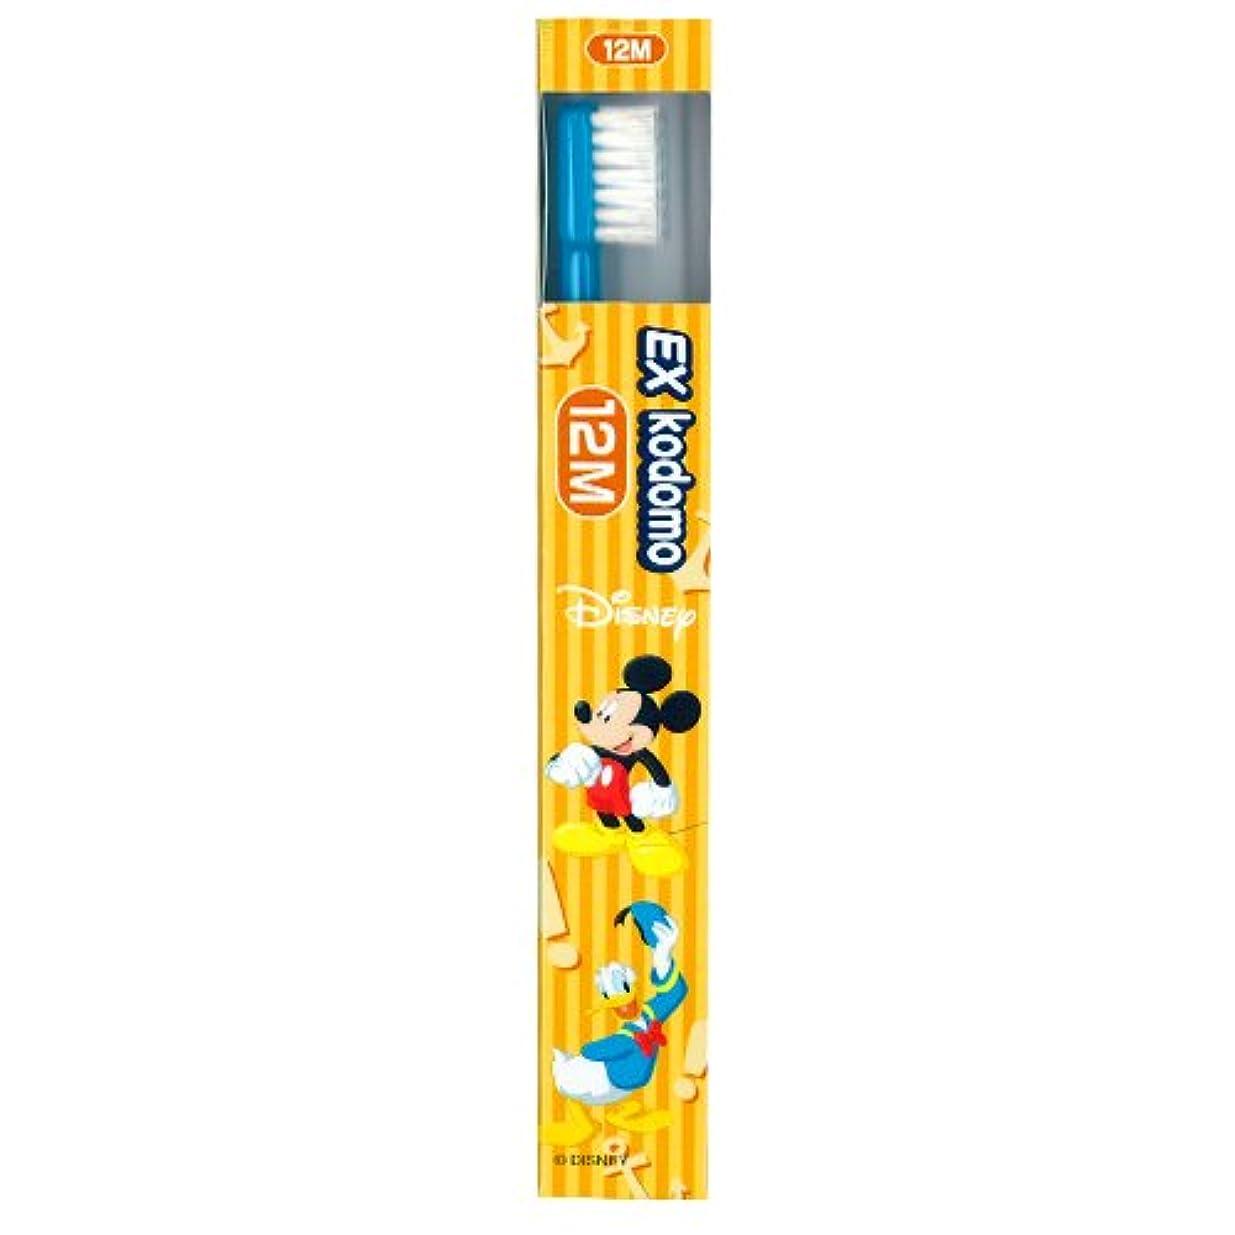 胸チャンスピックライオン EX kodomo ディズニー 歯ブラシ 1本 12M ブルー